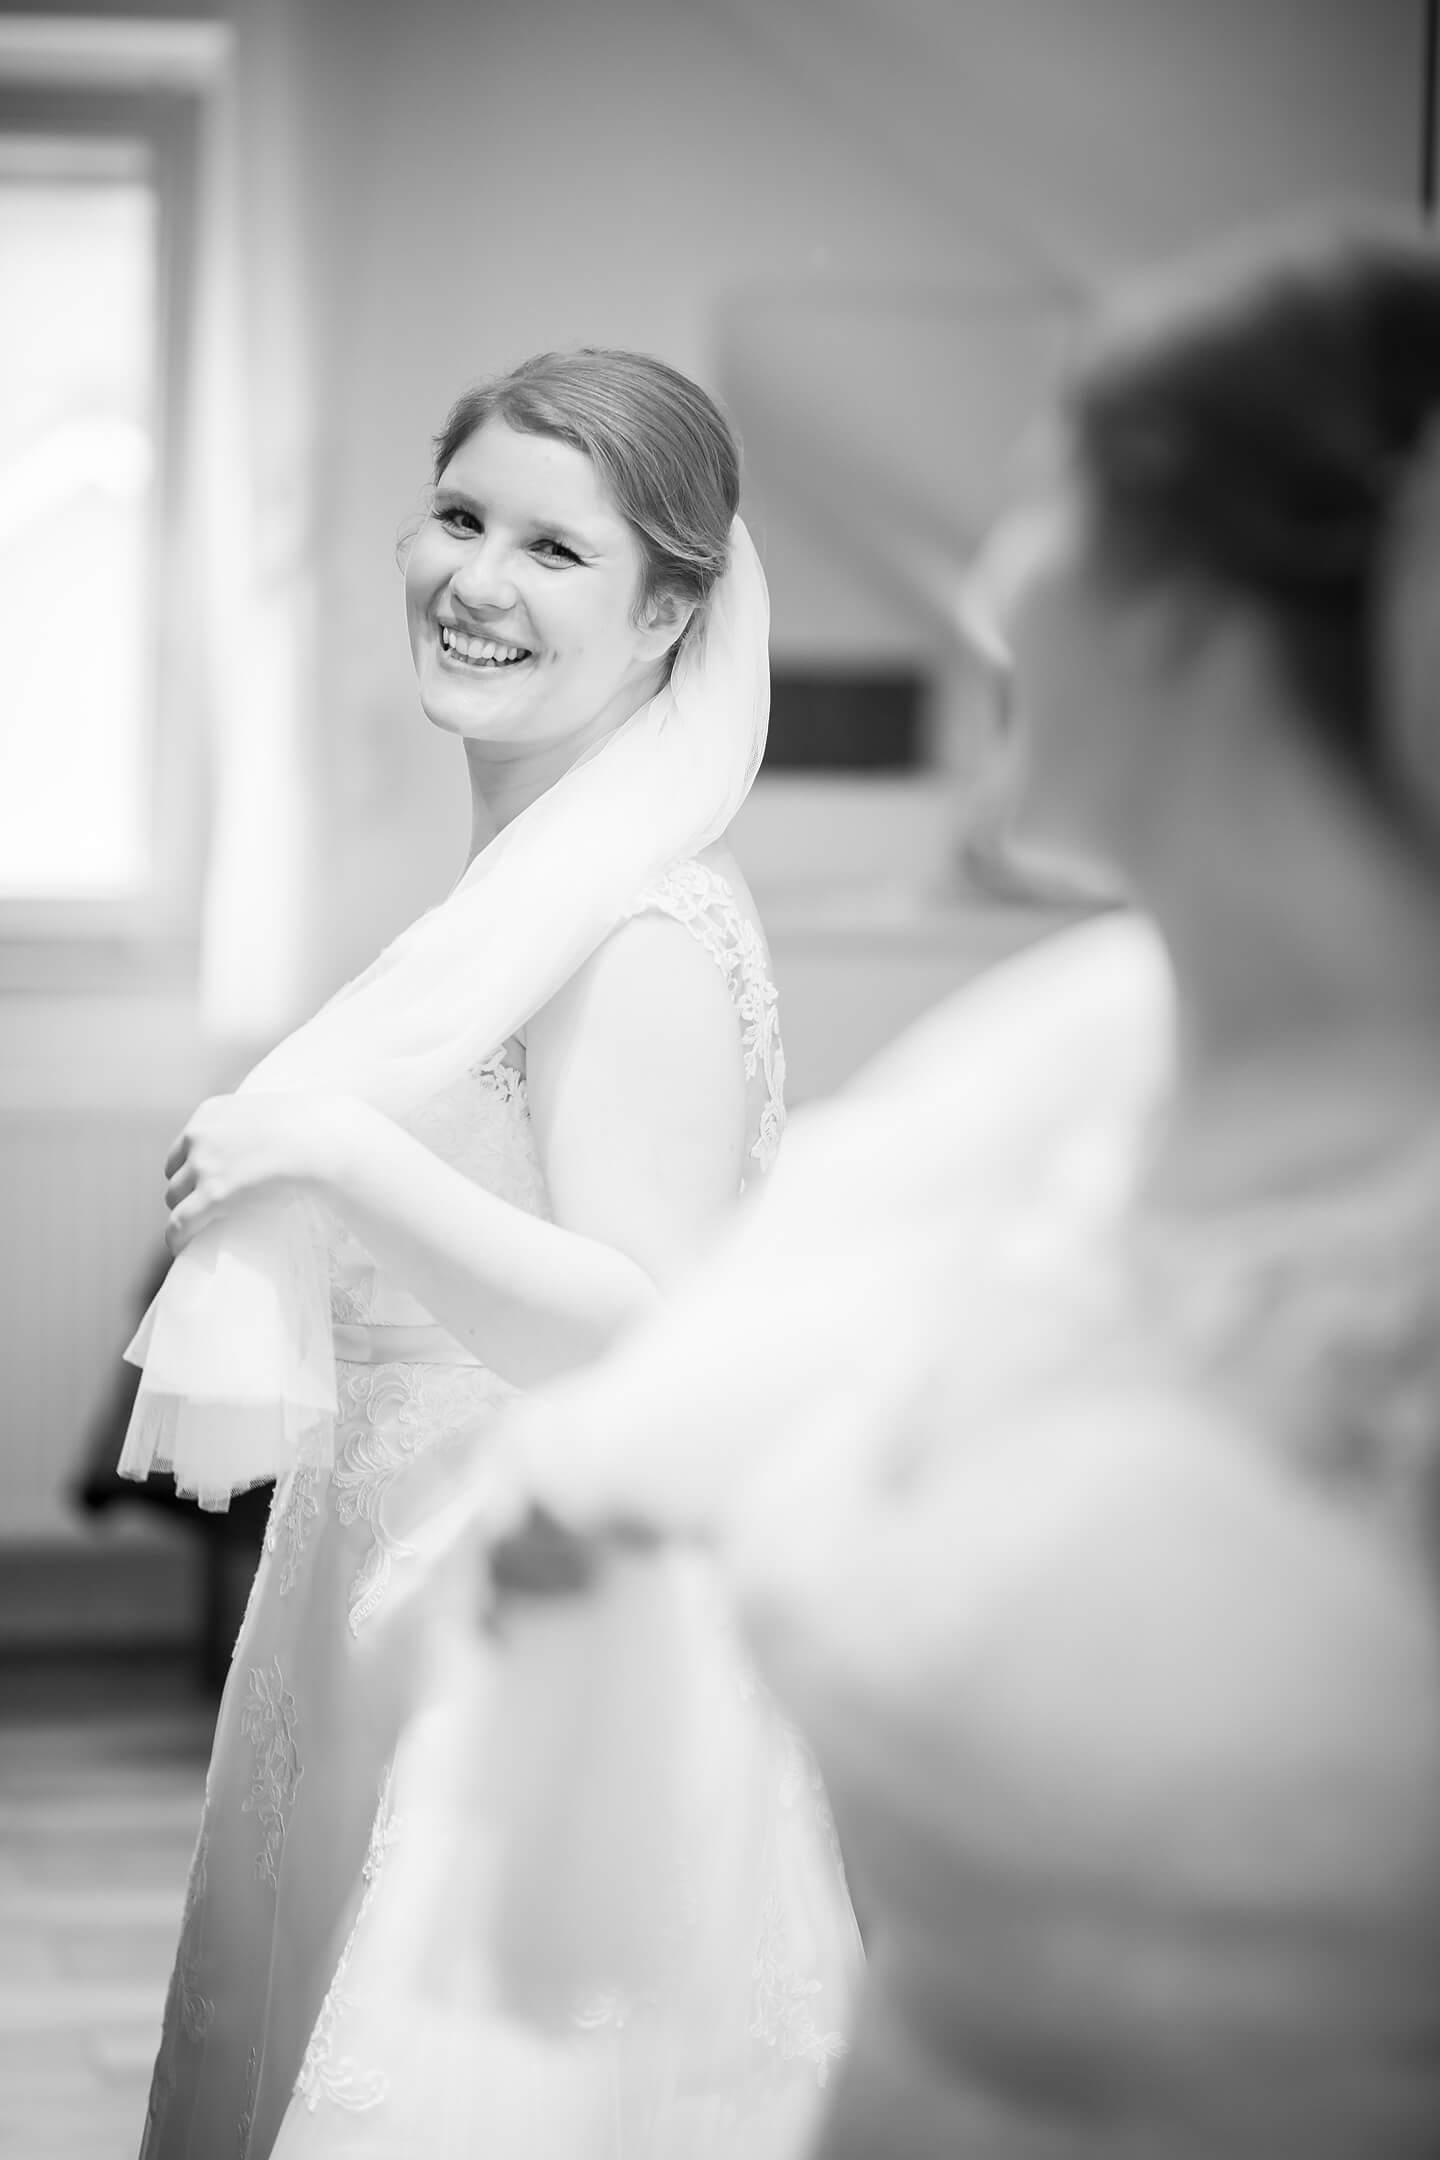 Hochzeitsreportage beim morgendlichen Styling der Braut